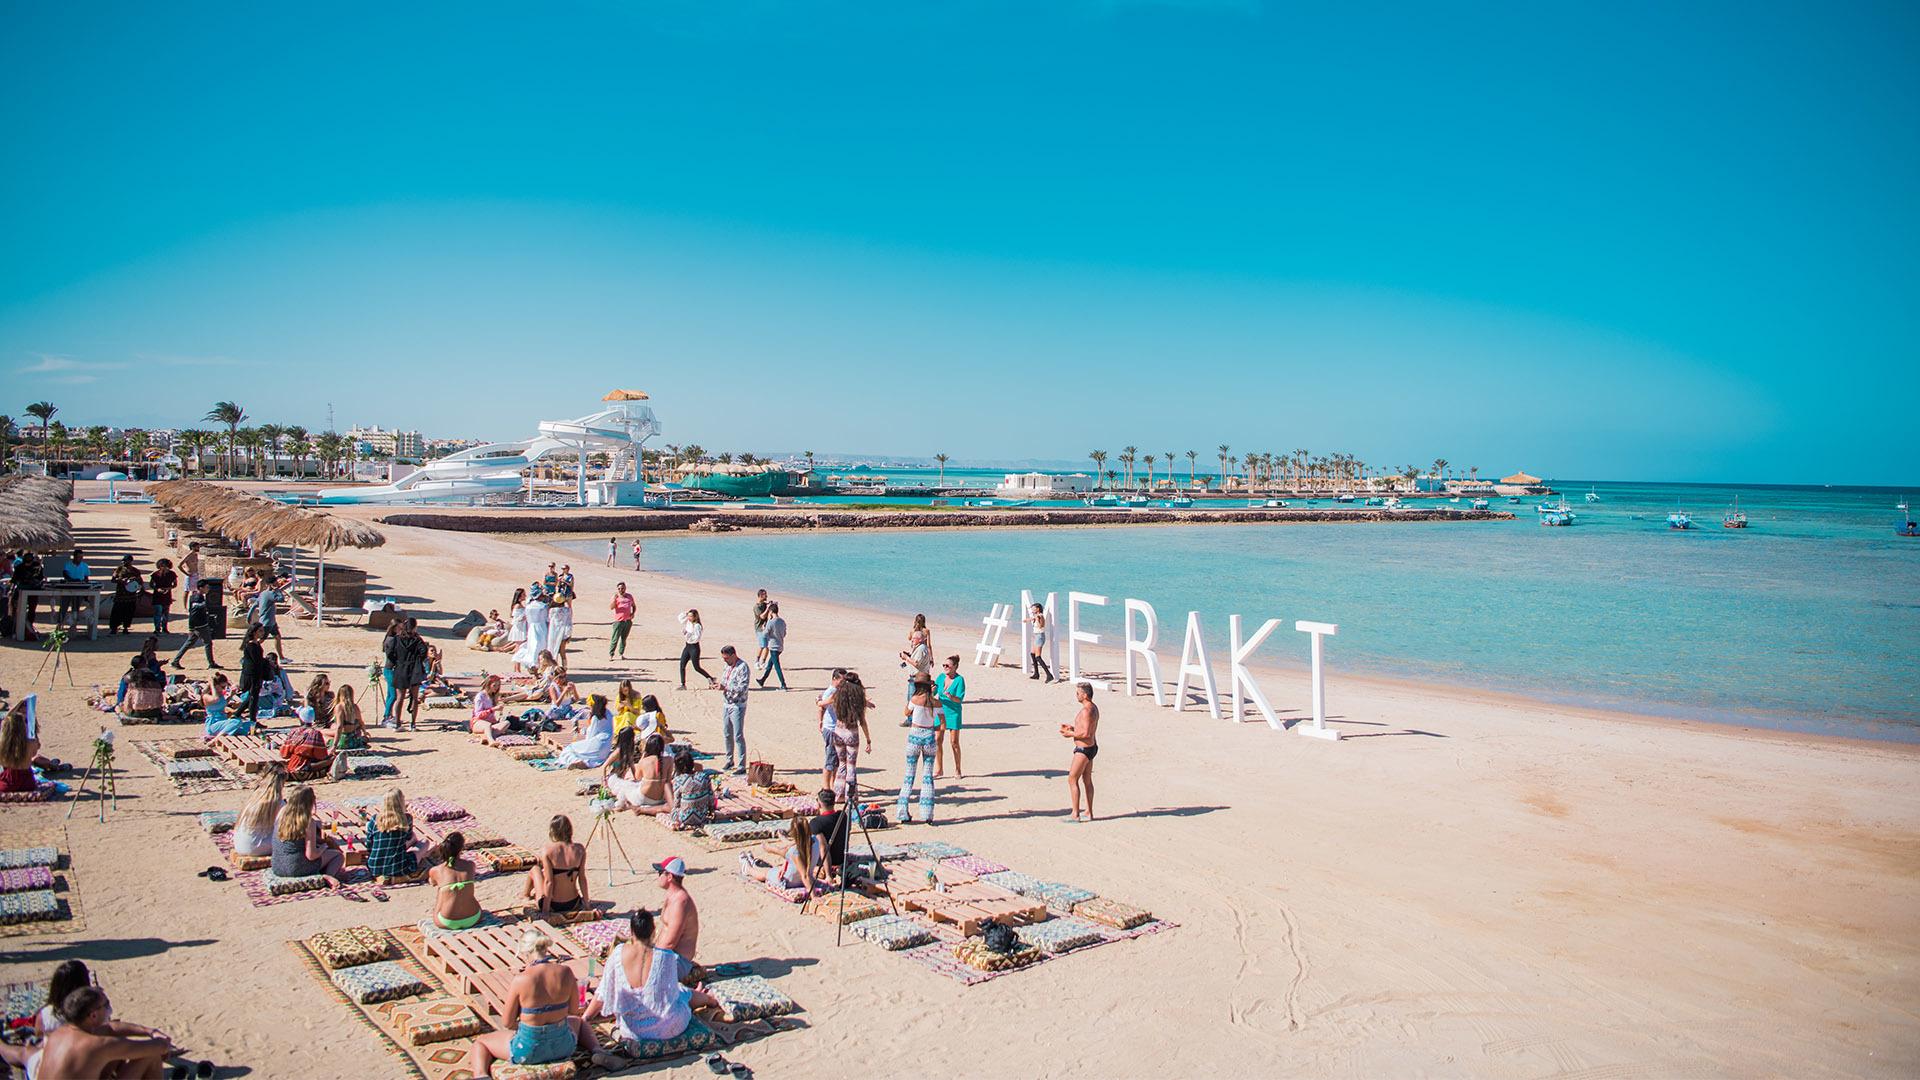 MERAKI RESORT(Ex. Sunrise Meraki Beach)